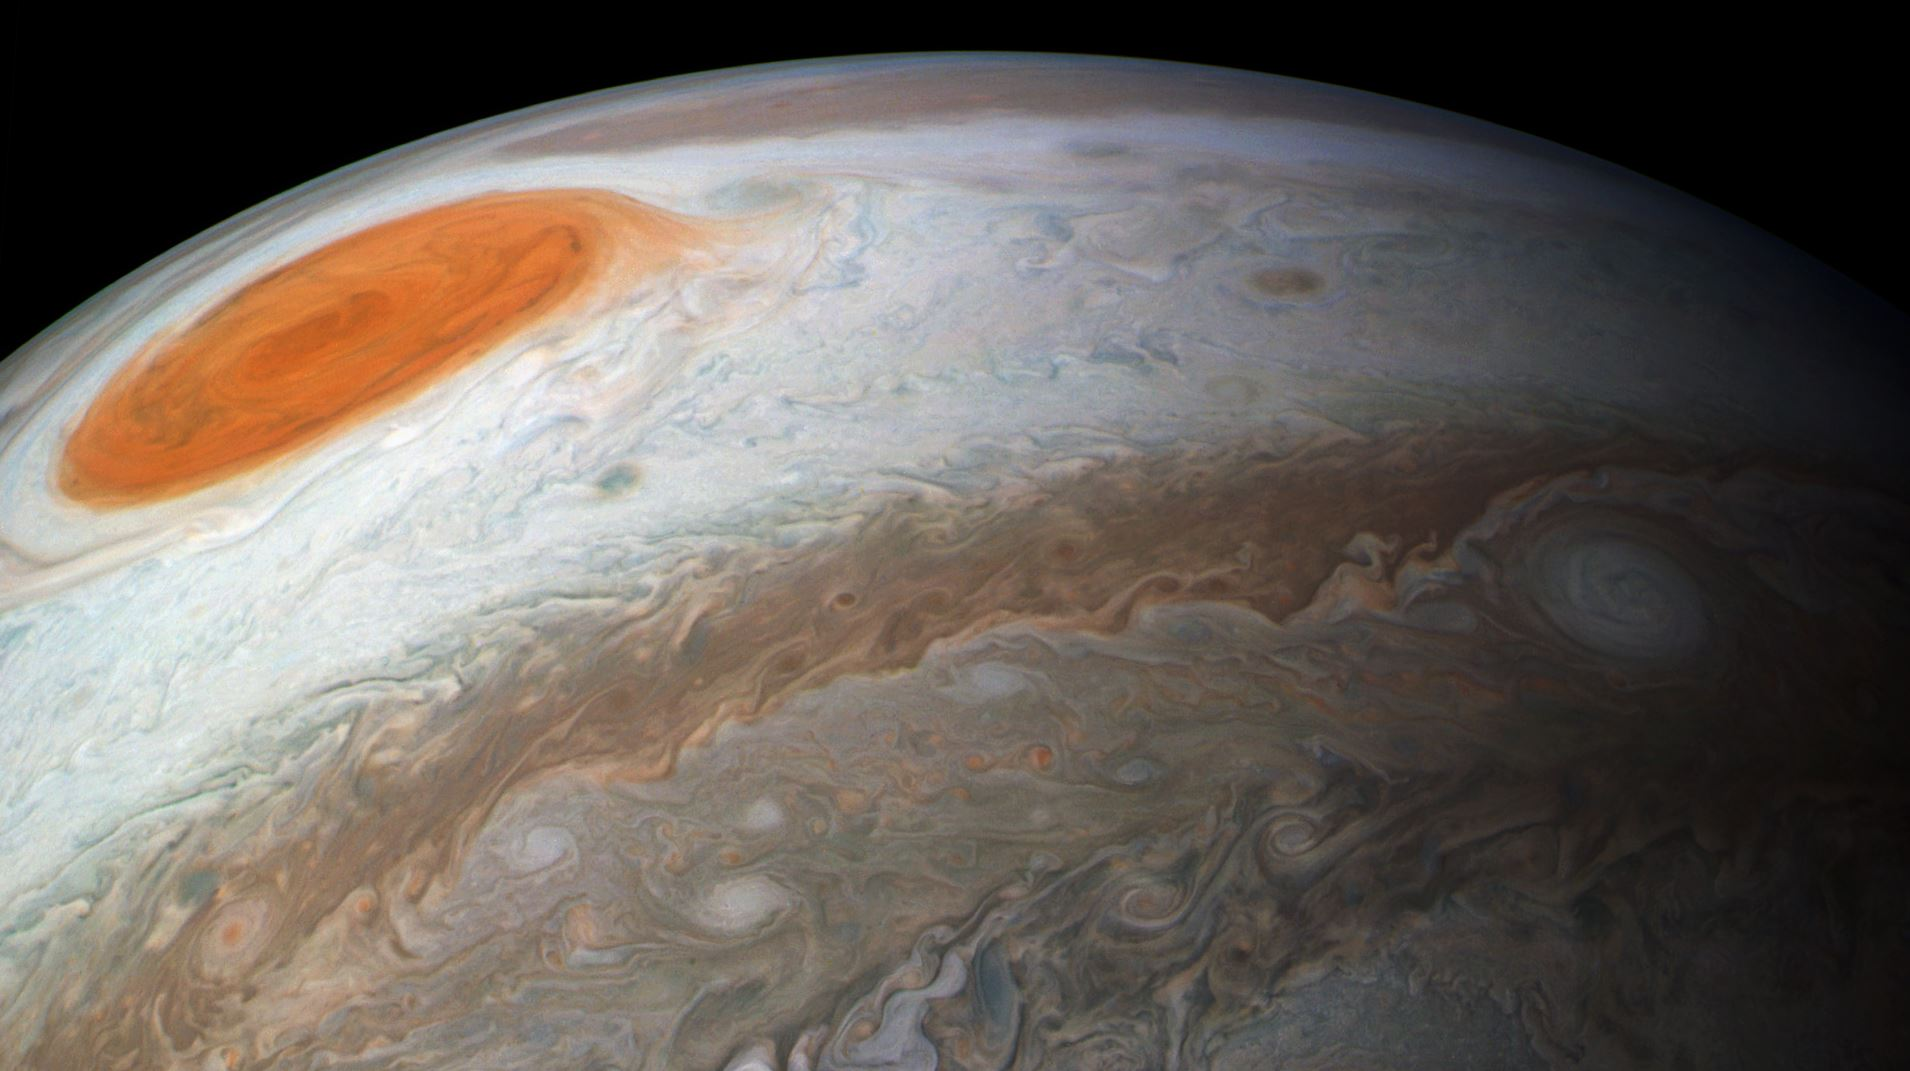 Jupiter's Great Red Spot - Image Credit:  Sean Doran via flickr